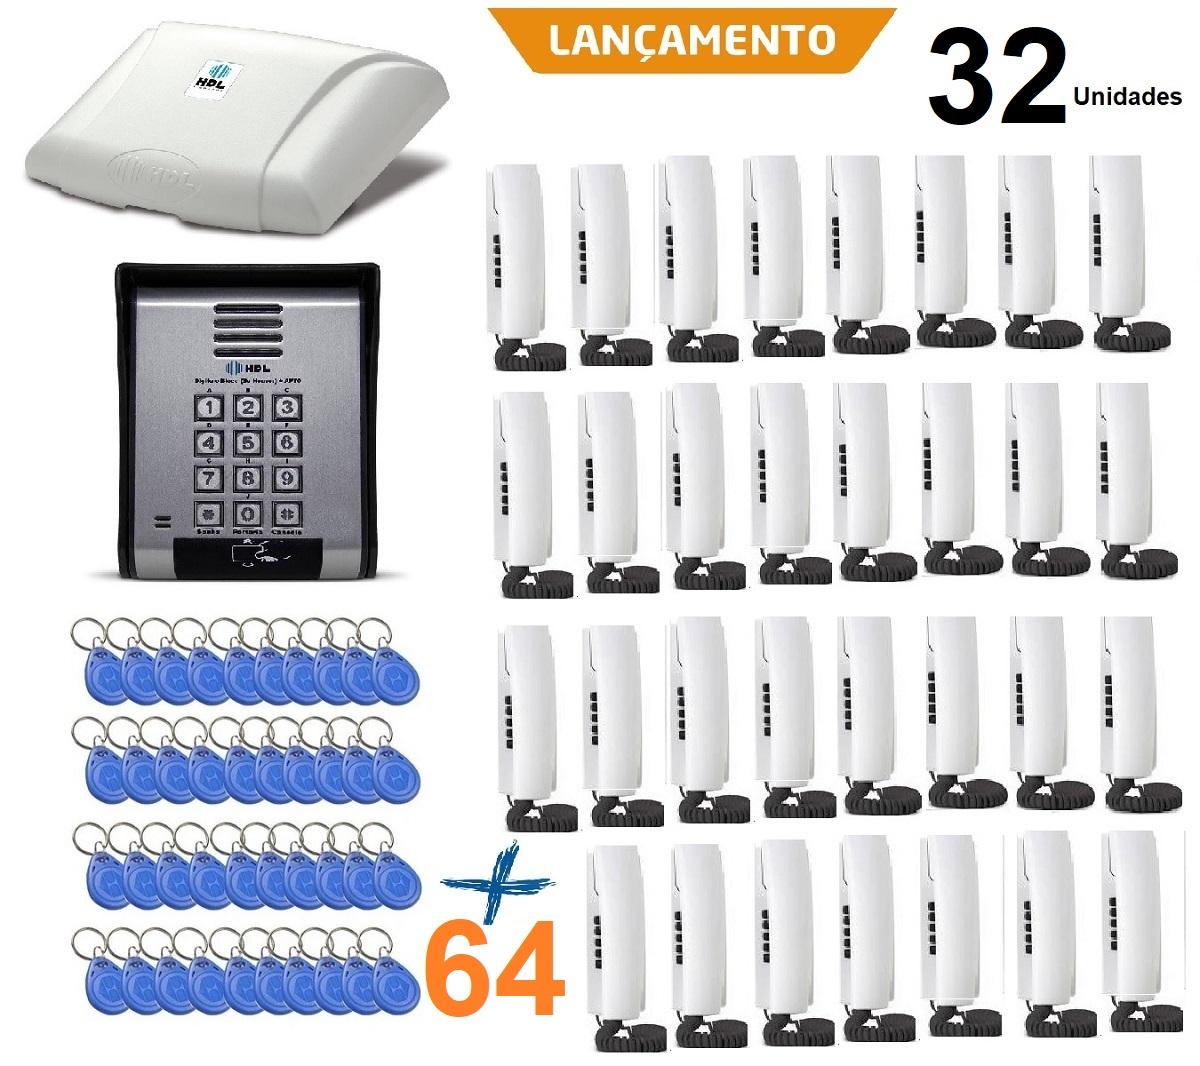 Porteiro Coletivo 32 Pontos Porteiro Externo, Controle De Acesso Hdl e 64 TAGS